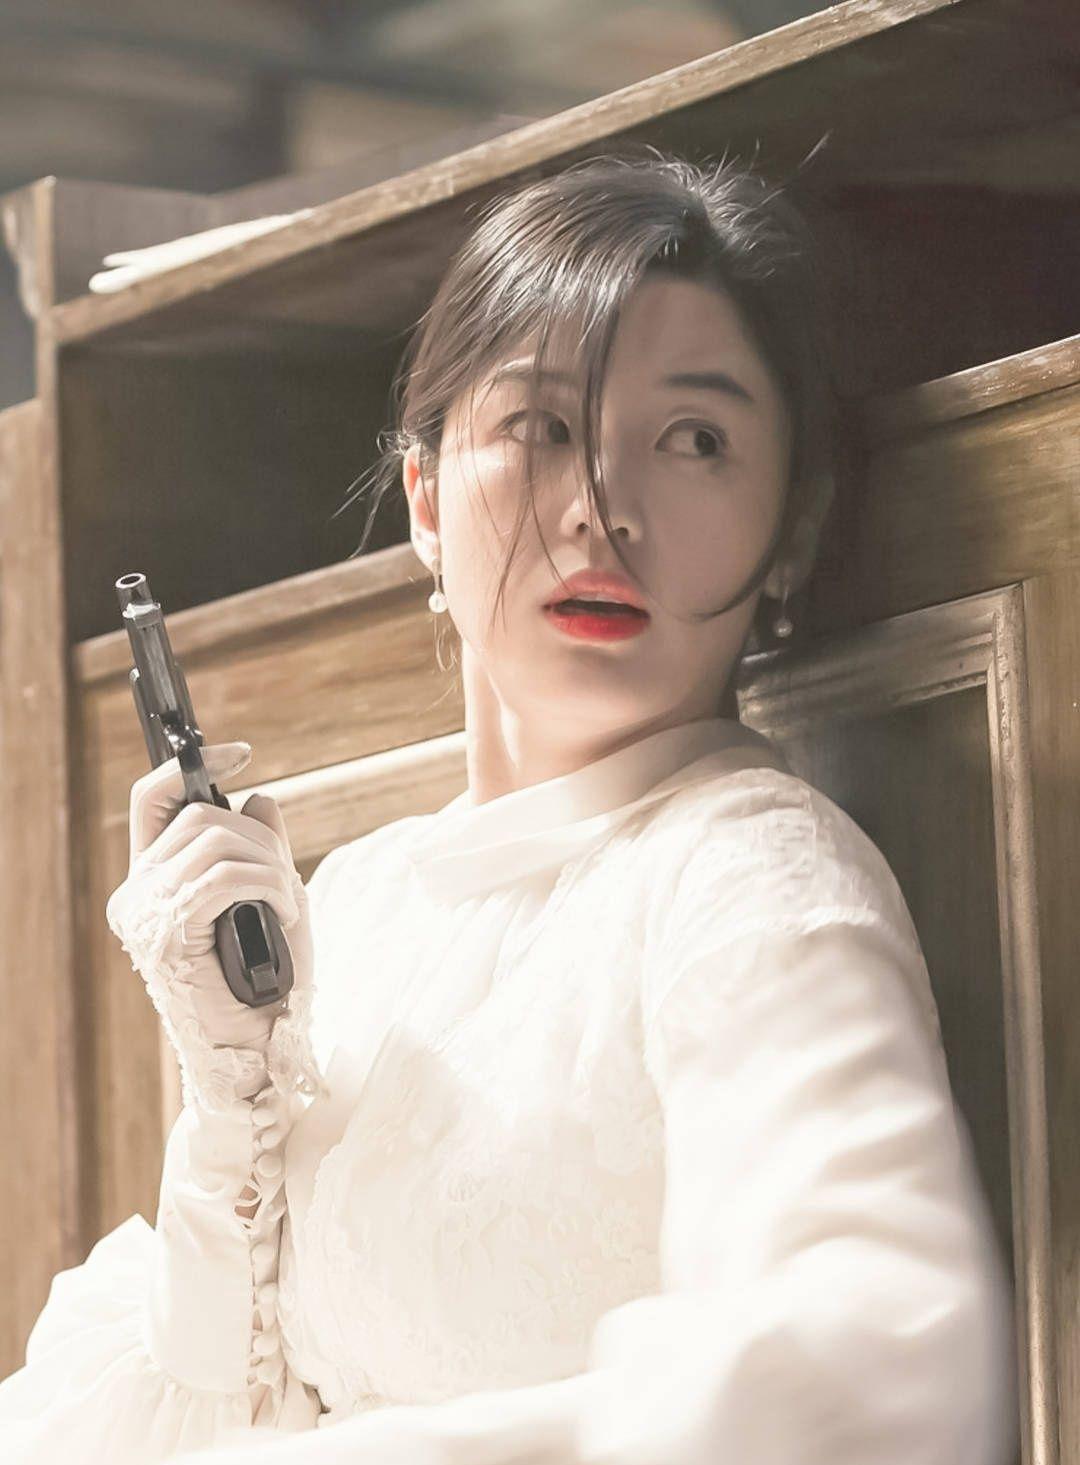 全智贤的爱人崔俊赫,辞去了银行高层一职欲参与家族事业